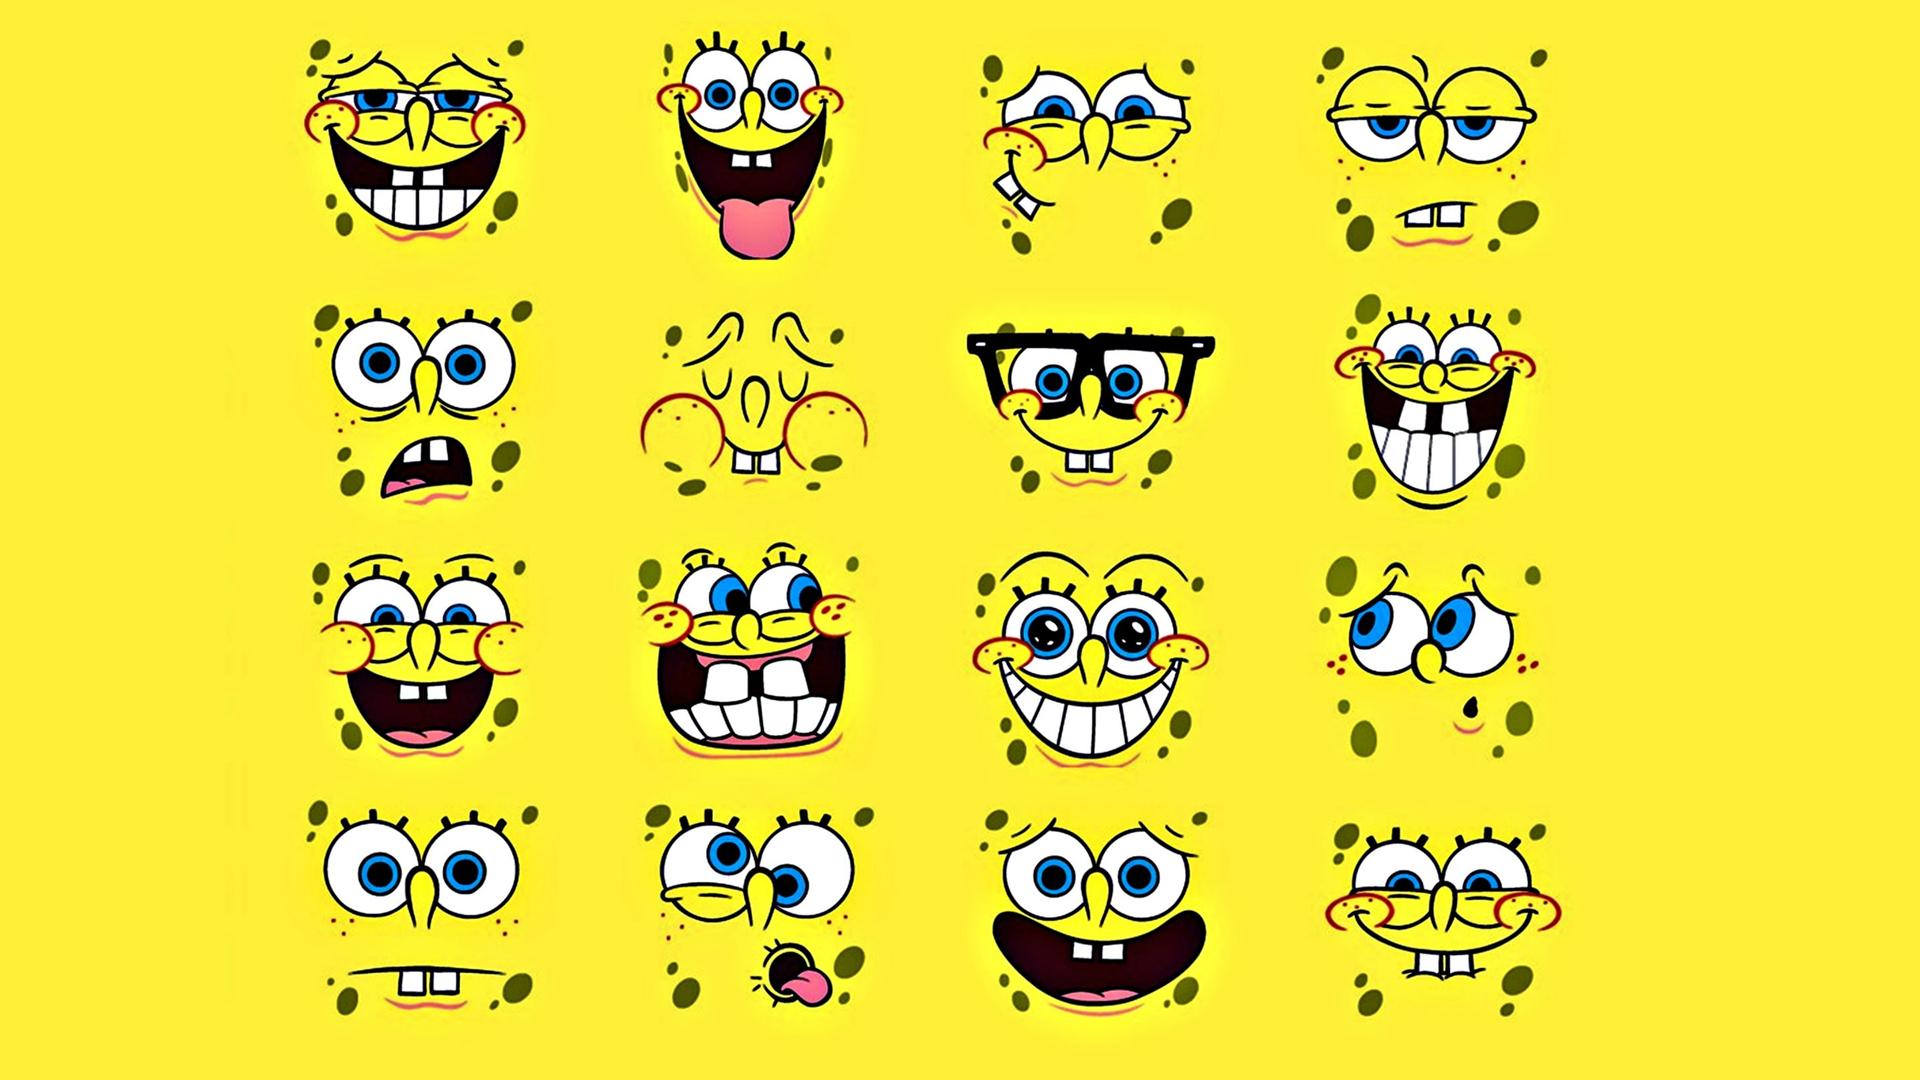 Spongebob Wallpaper With Resolutions 19201080 Pixel 1920x1080